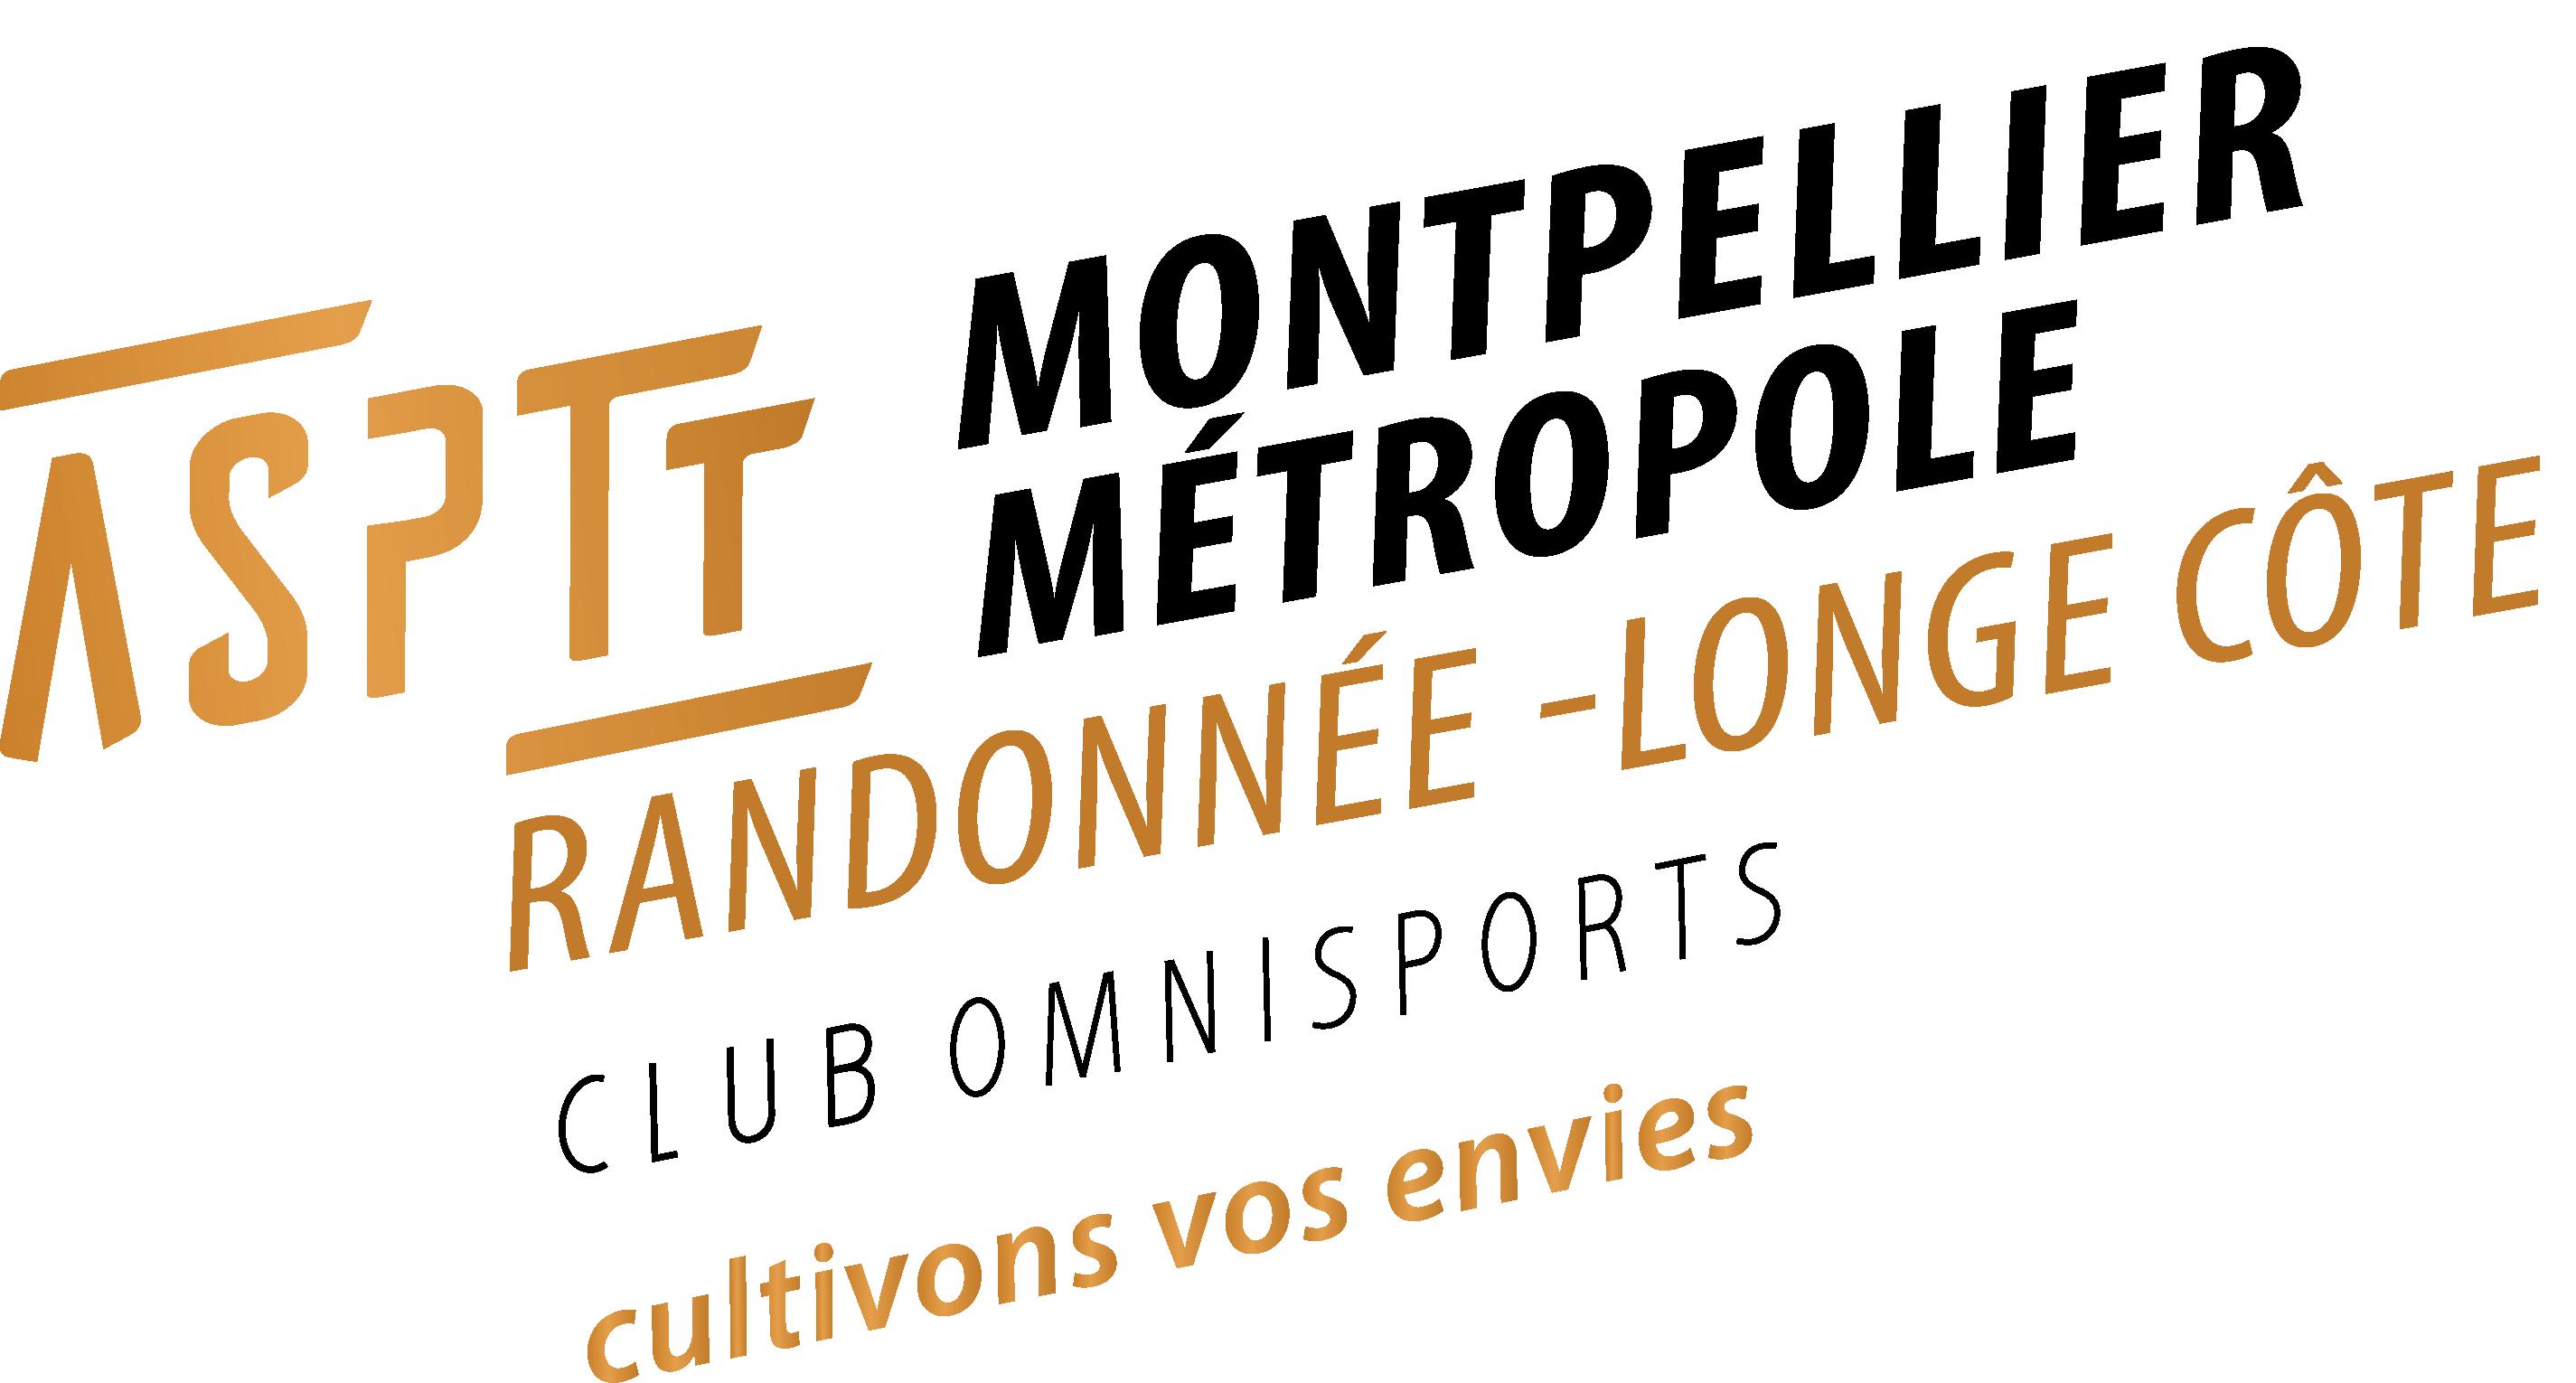 UN CLUB OUVERT A TOUS - RANDONNEE PEDESTRE  - LONGE COTE ou MARCHE AQUATIQUE COTIERE - MARCHE NORDIQUE - Renseignez vous...